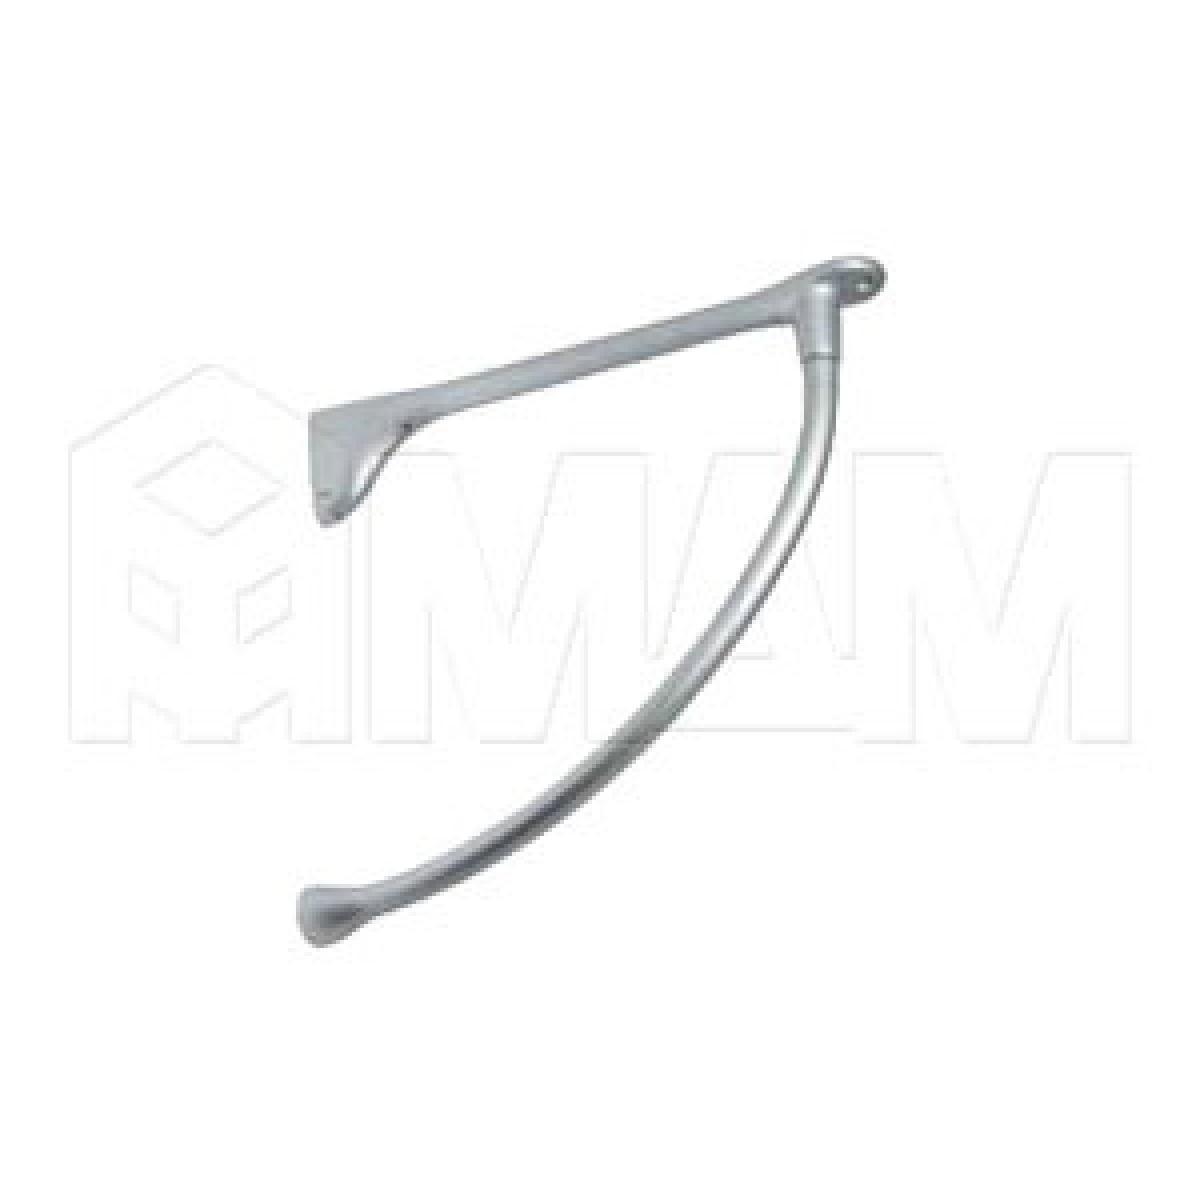 Менсолодержатель для деревянных полок L-240 мм, хром матовый (2 шт.)